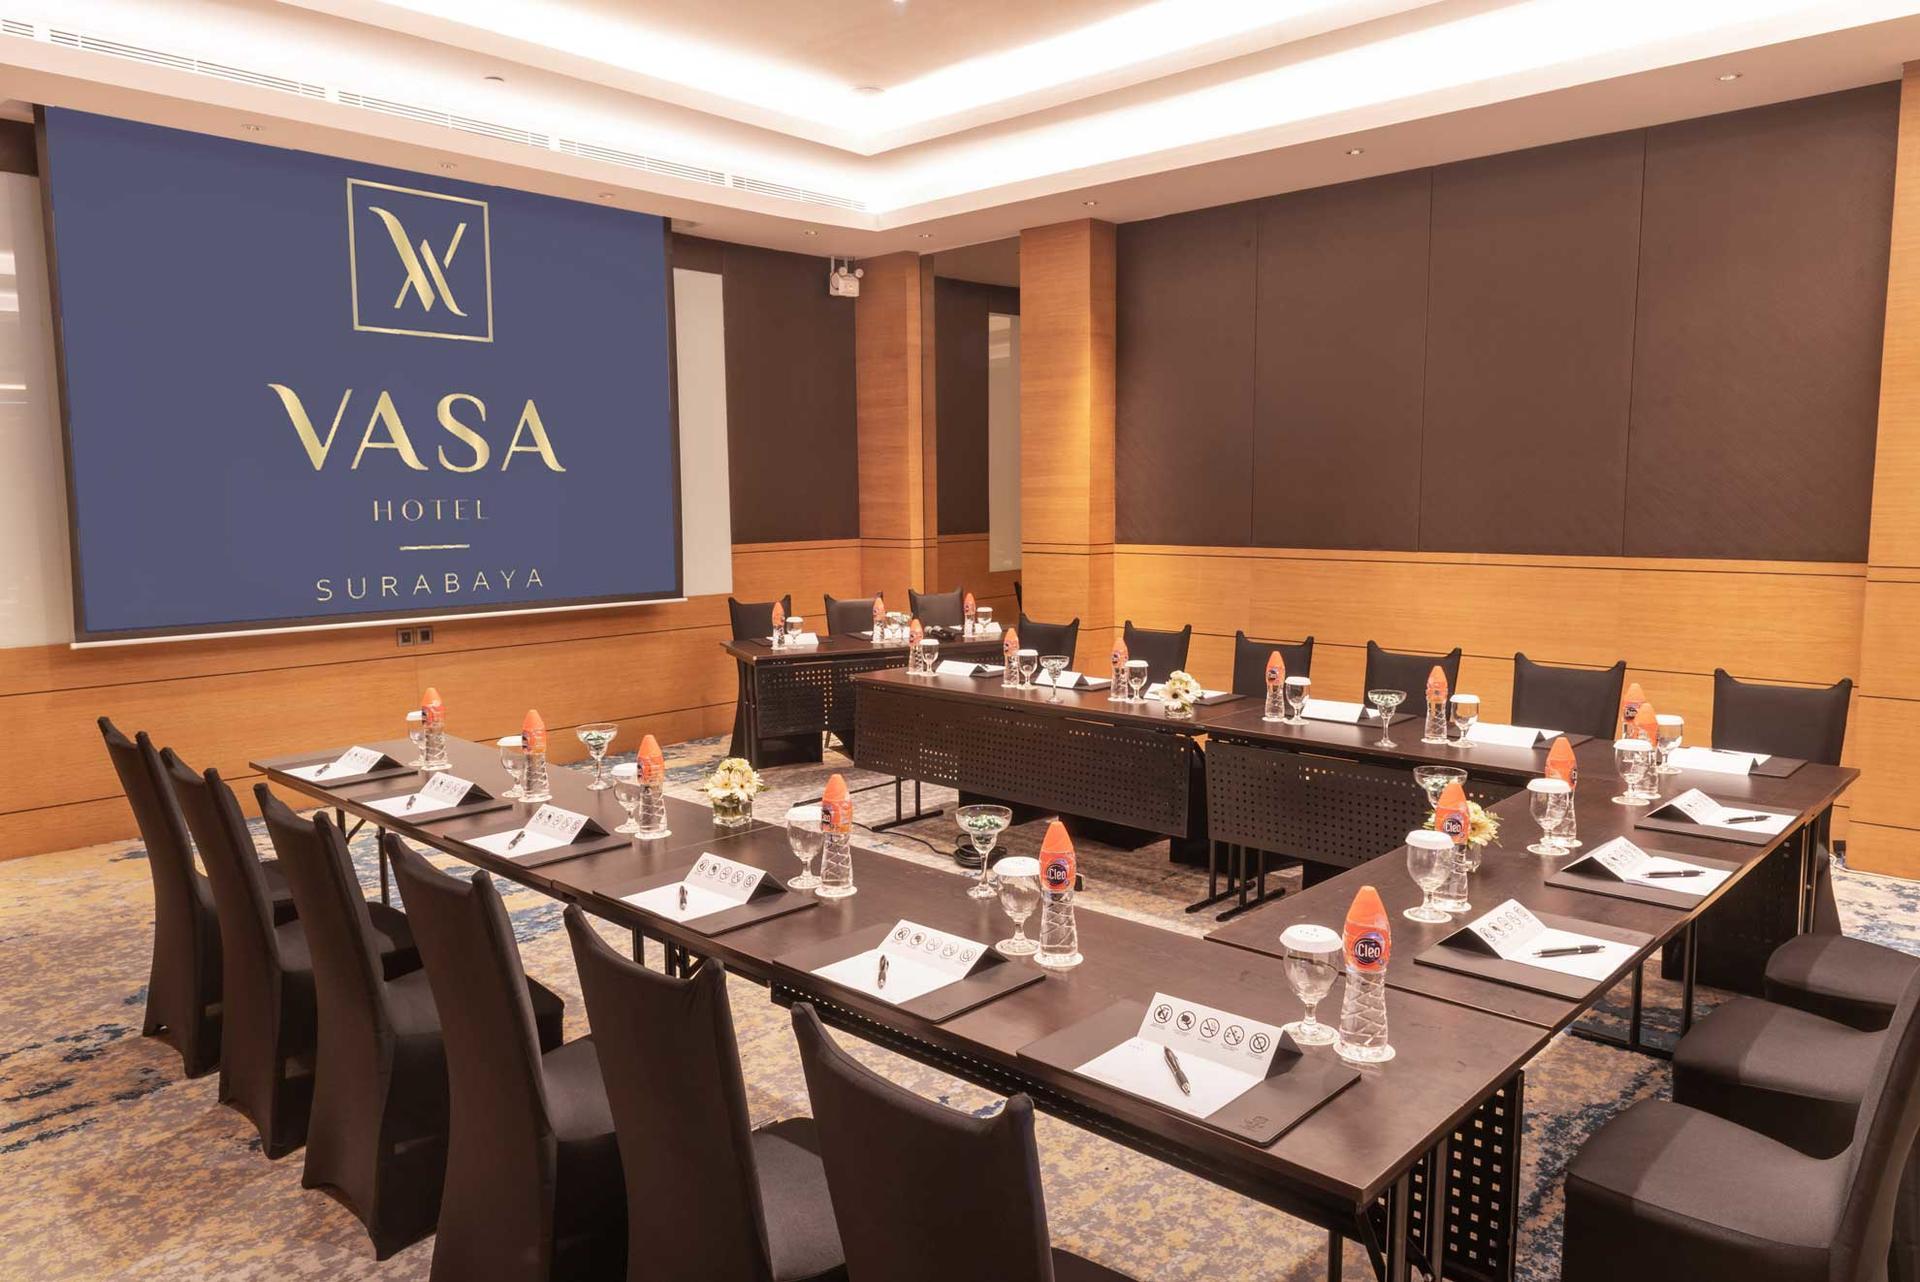 Meeting venue in Vasa Surabaya